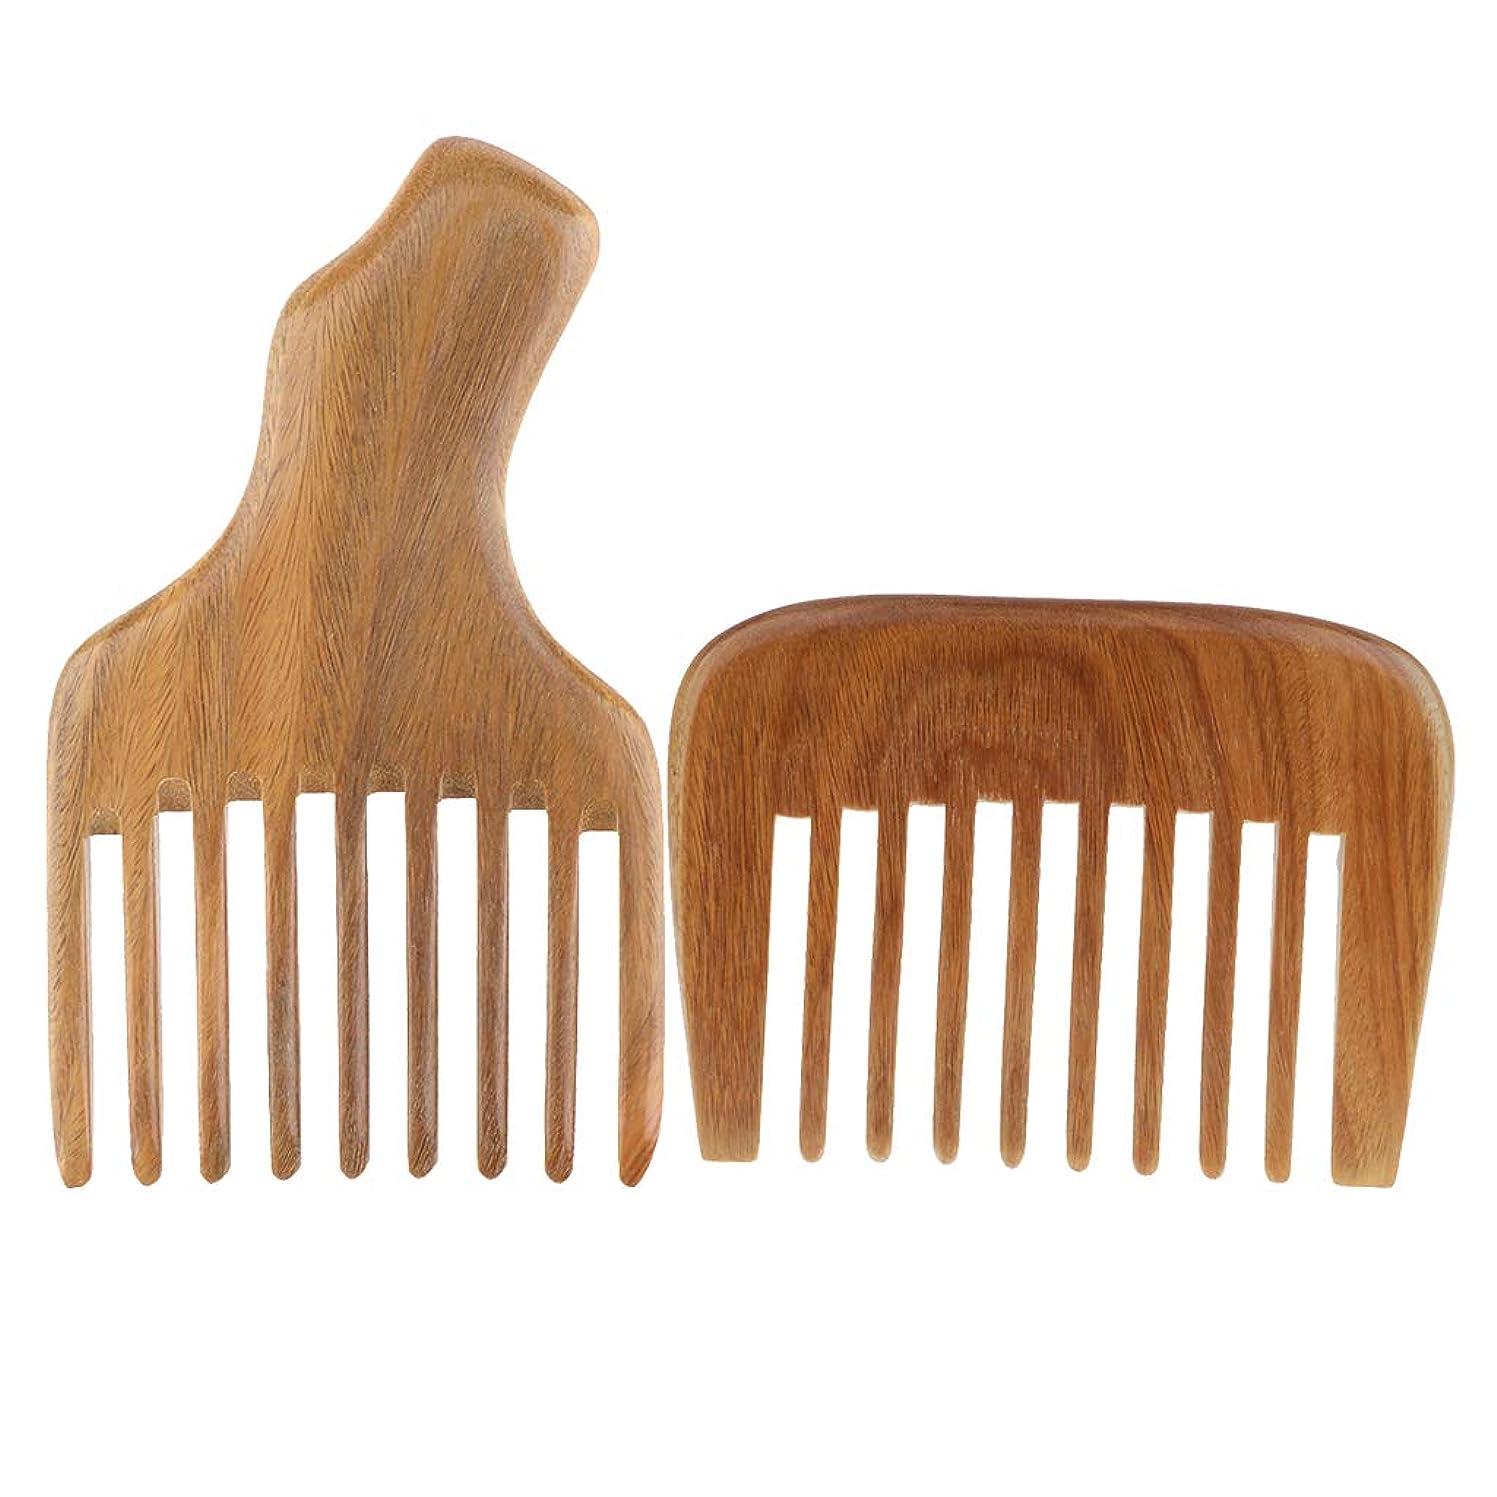 無実今在庫P Prettyia 2個 木製櫛 ウッドコーム ワイド歯 ギフト 髪型 ひげ 口ひげ